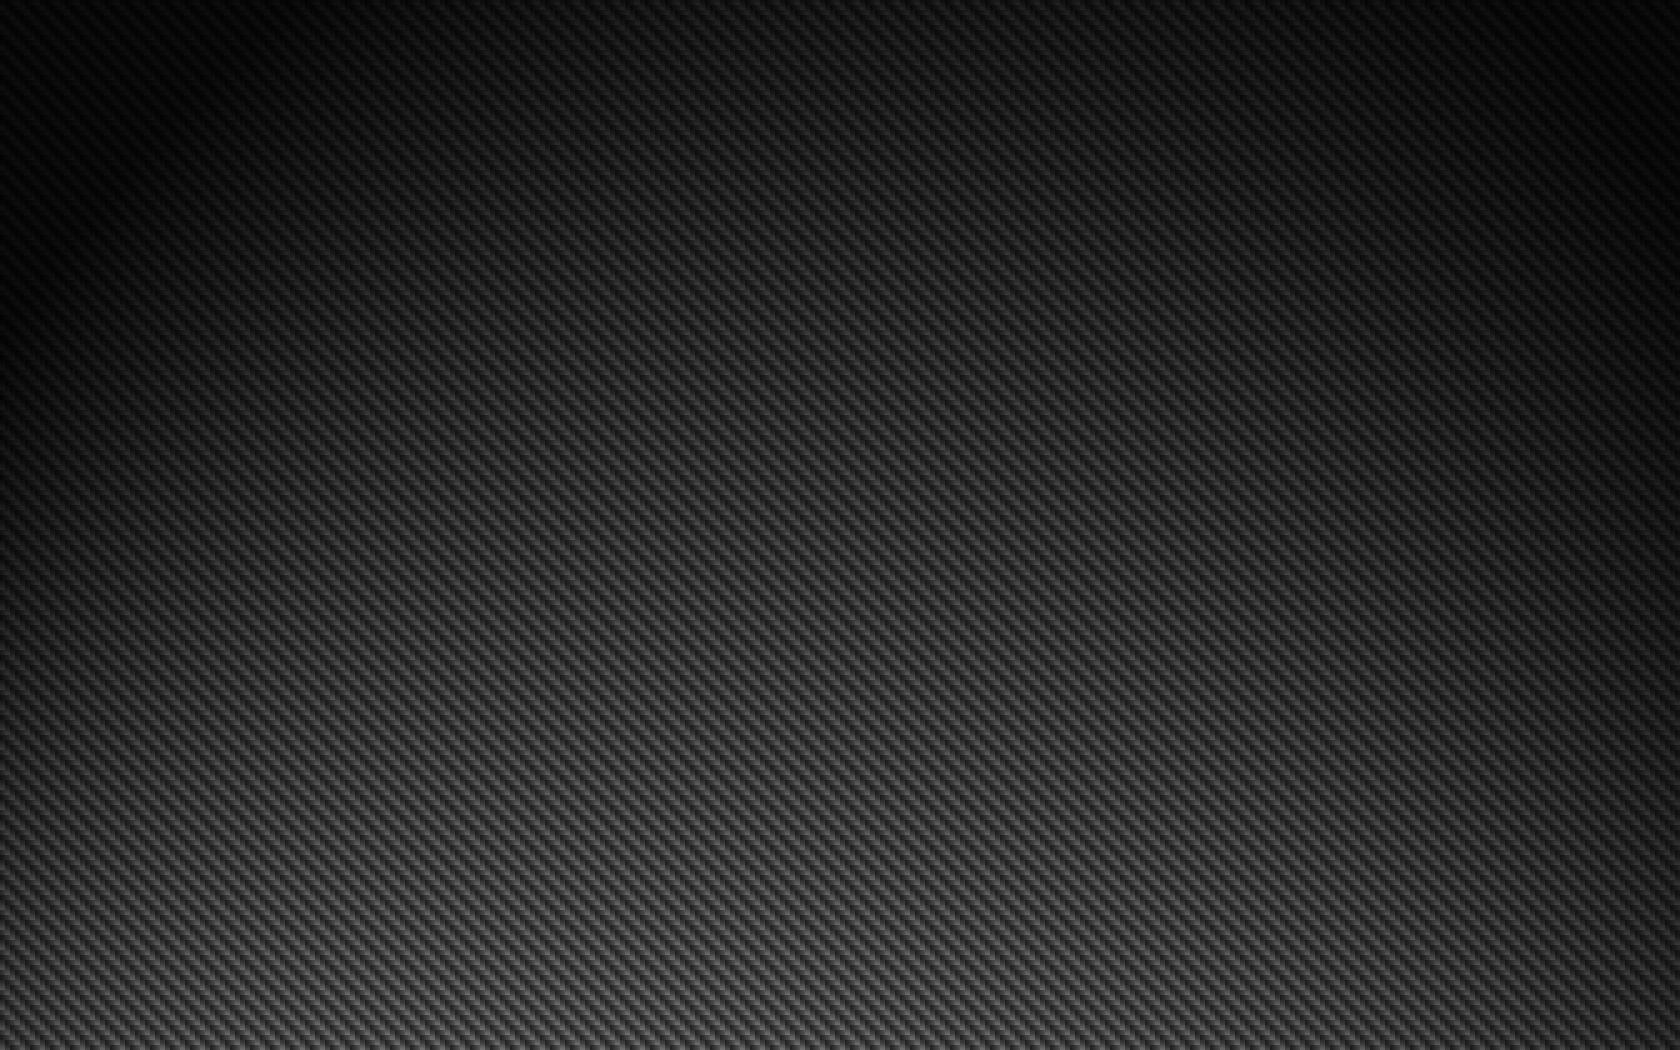 fond d 39 cran noir monochrome cercle fibre de carbone marque conception ligne capture d. Black Bedroom Furniture Sets. Home Design Ideas